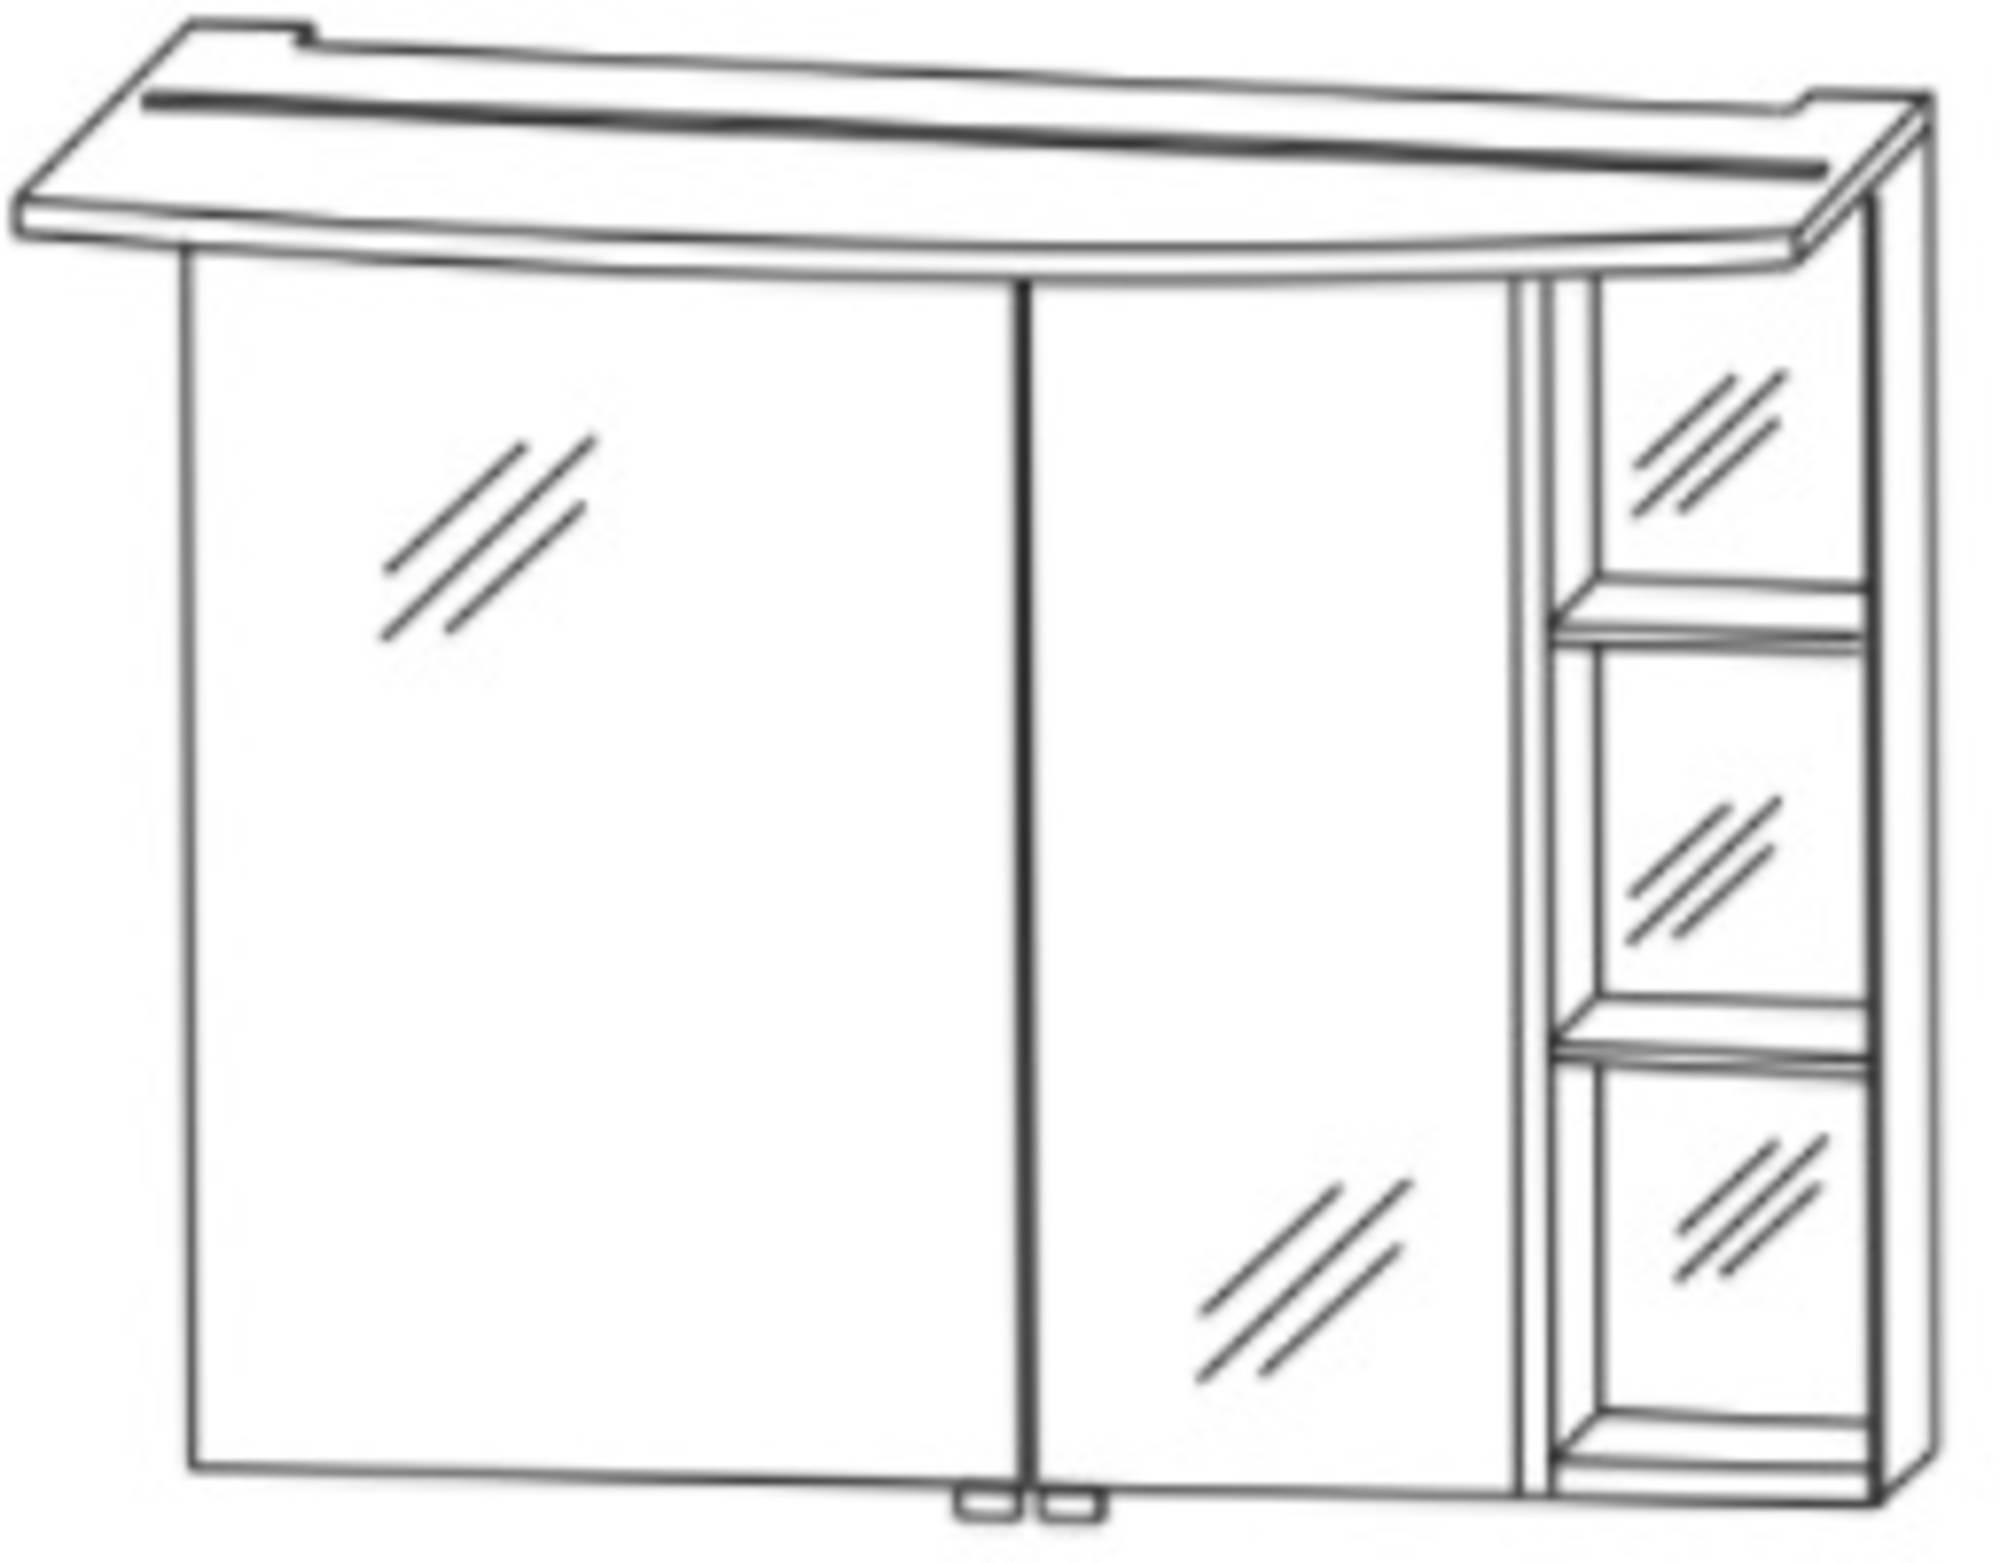 Saqu Pekka 2 Spiegelkast links 90x27x66,8 cm Hoogglans wit